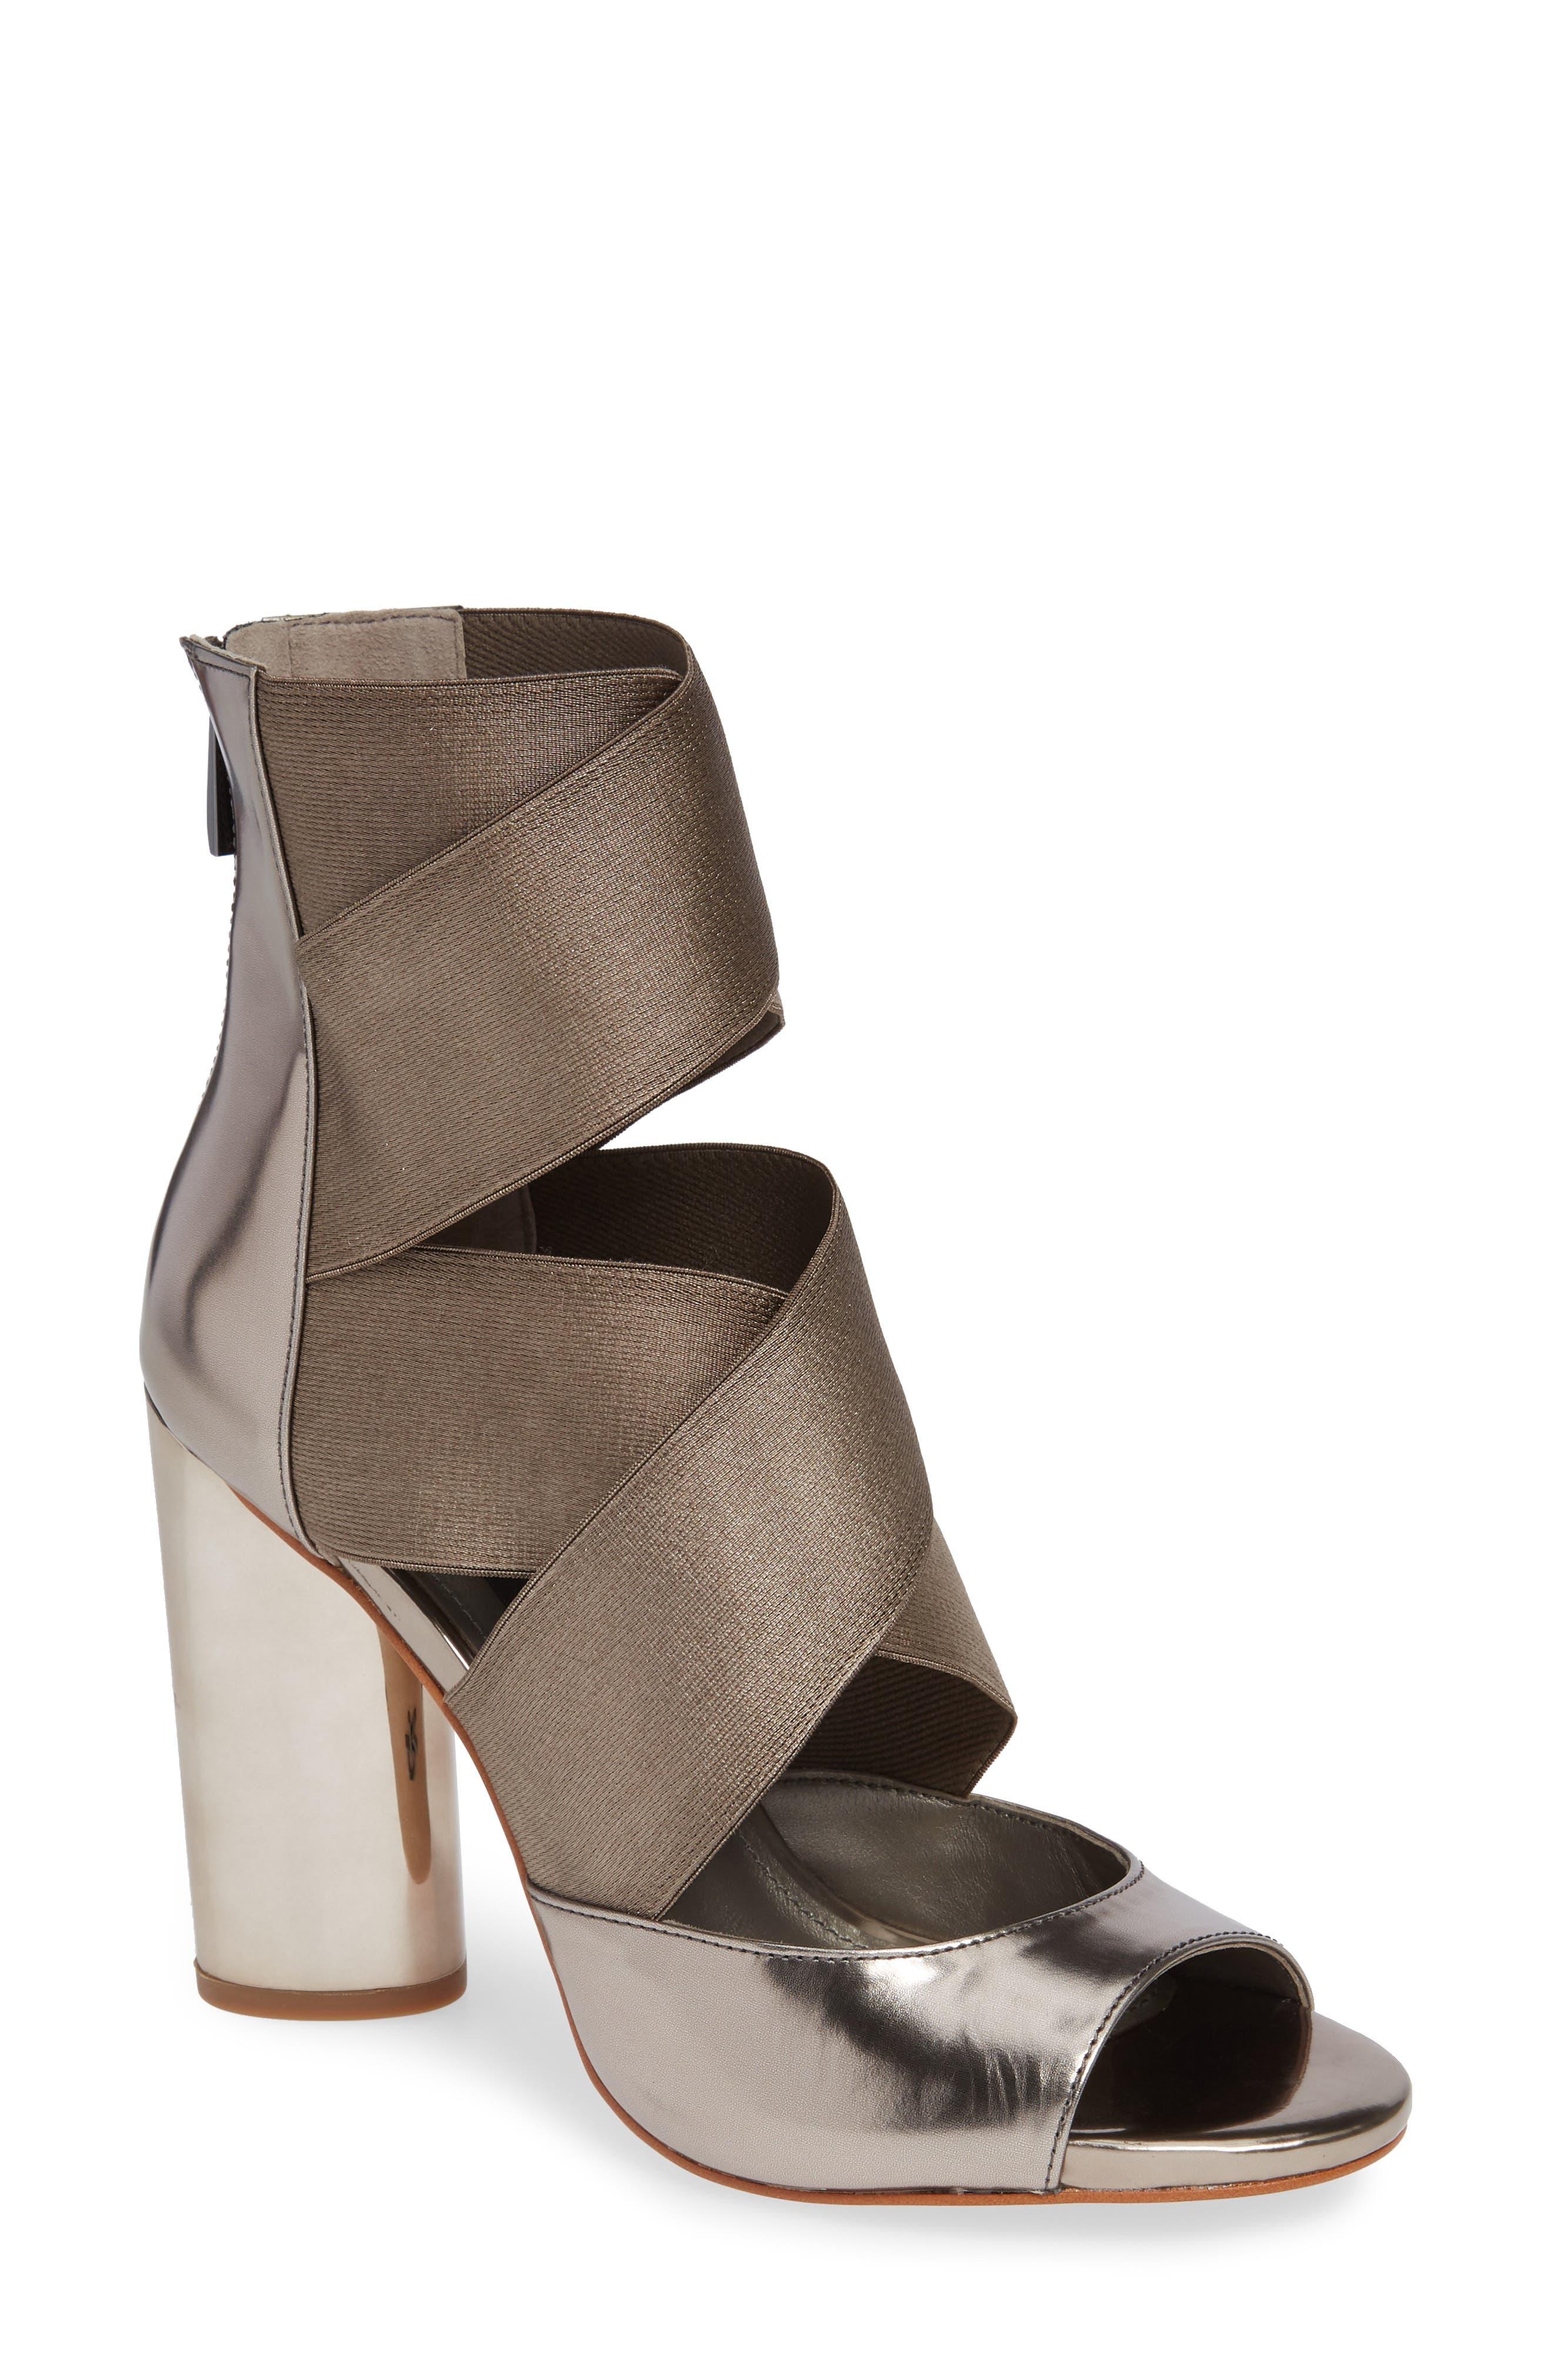 Donna Karan Briana Strappy High Sandal- Grey